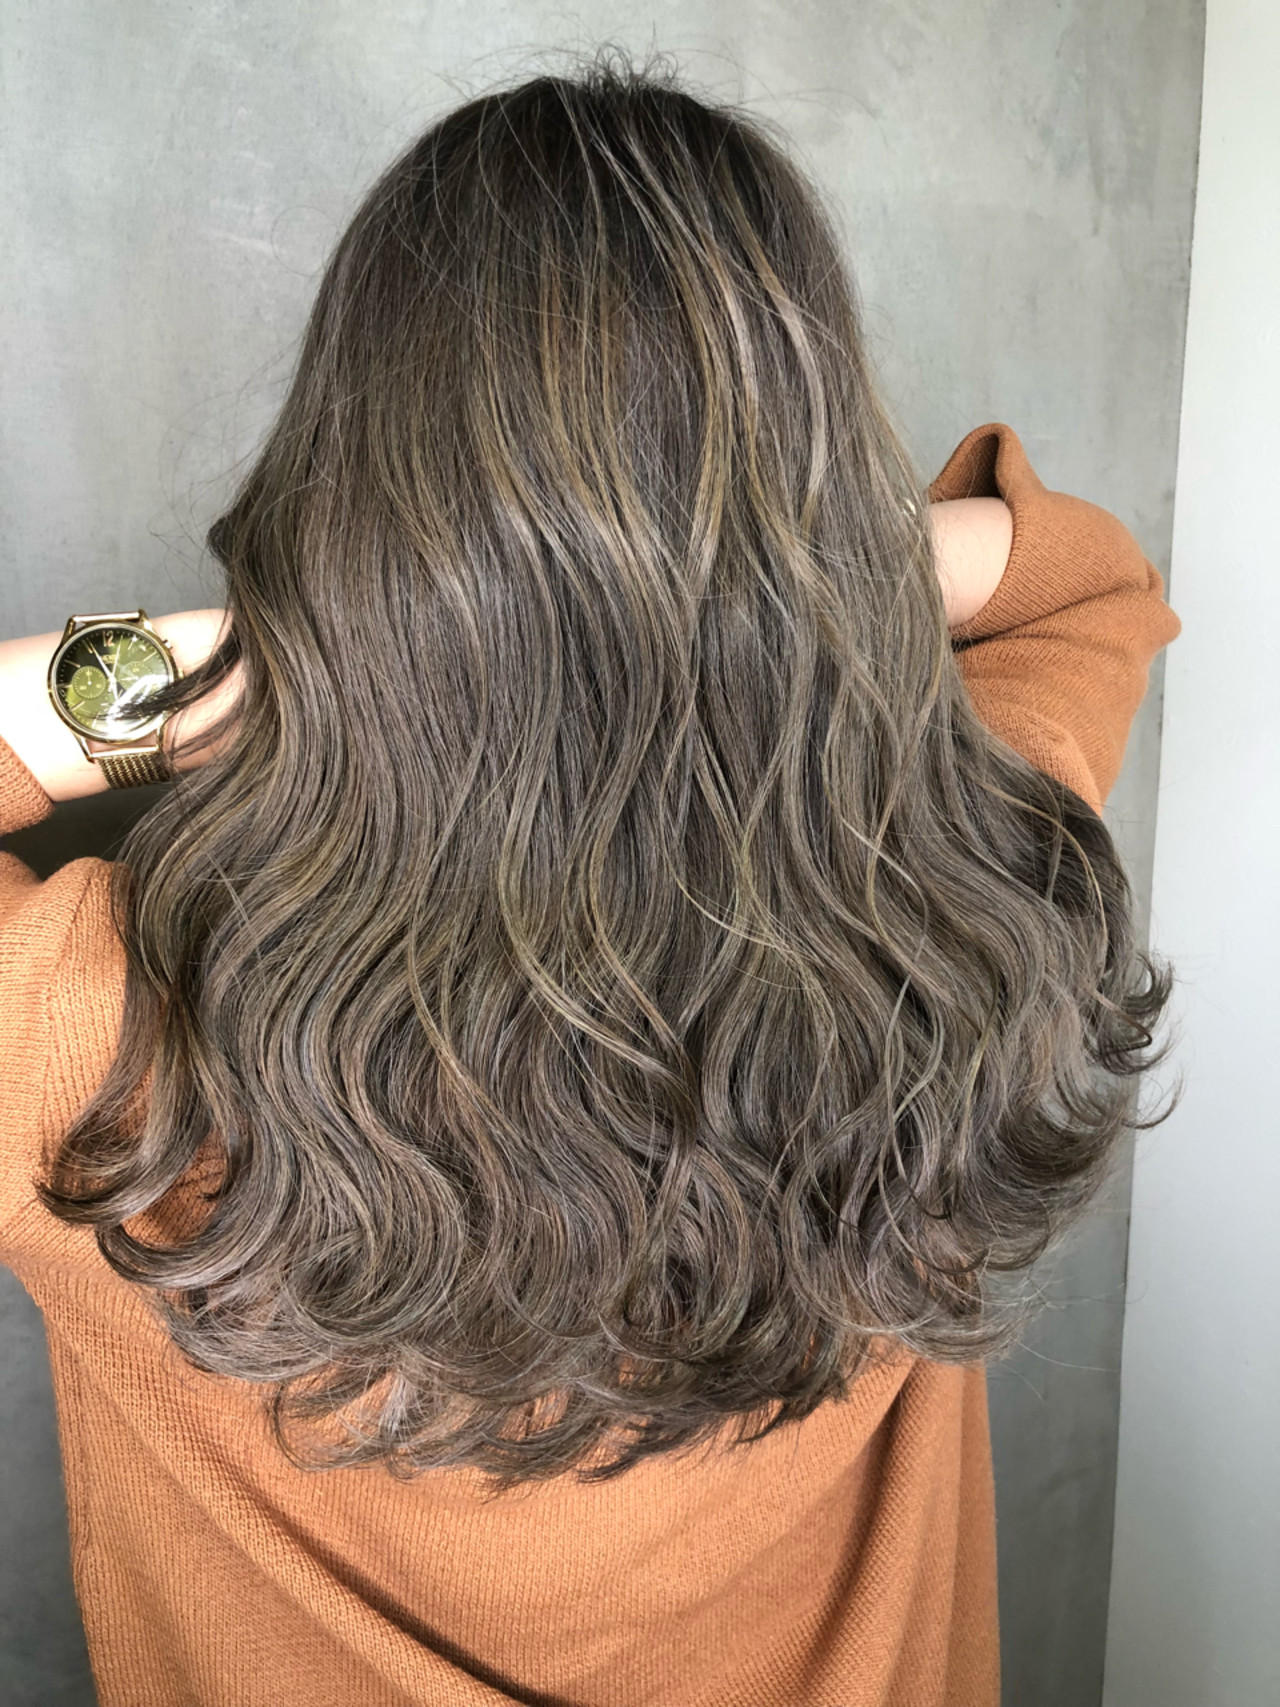 ナチュラル ヘアアレンジ ロング アウトドア ヘアスタイルや髪型の写真・画像